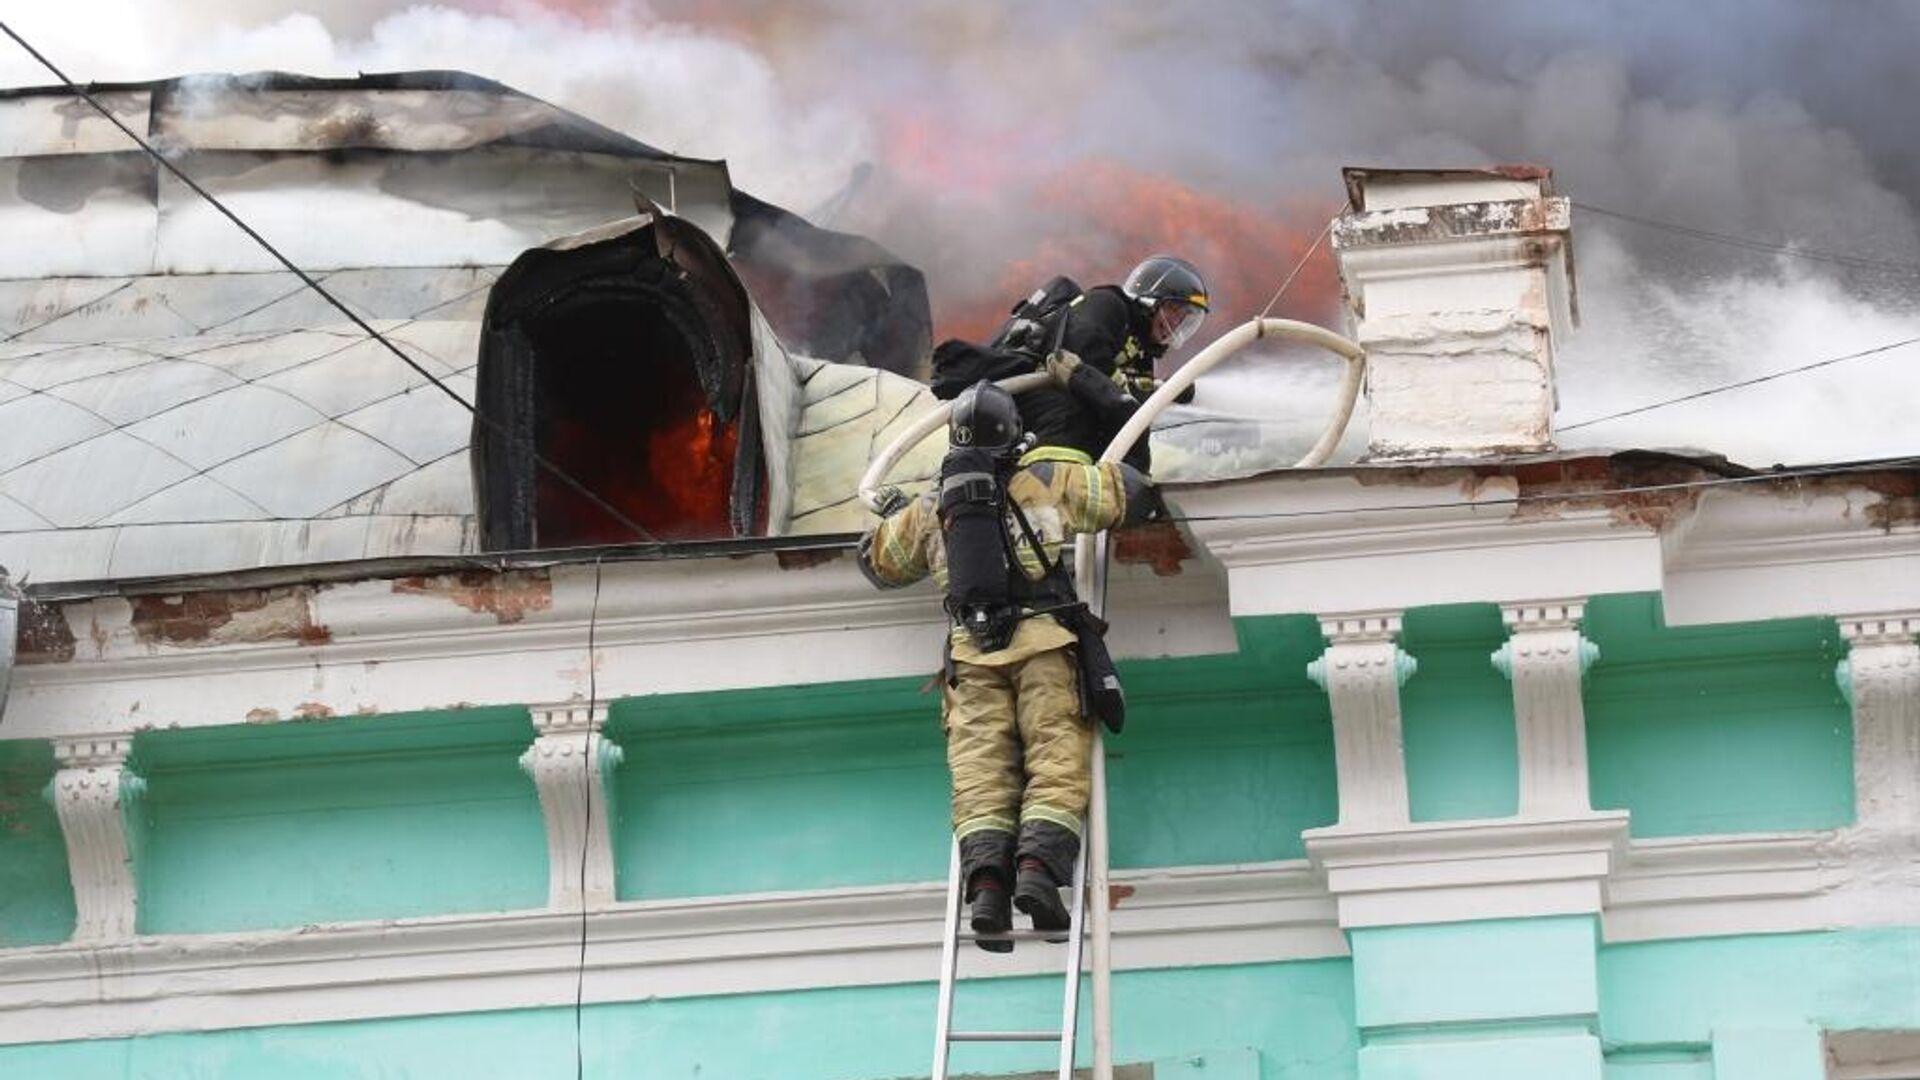 Пожар в кардиохирургическом центре в Благовещенске - РИА Новости, 1920, 03.04.2021